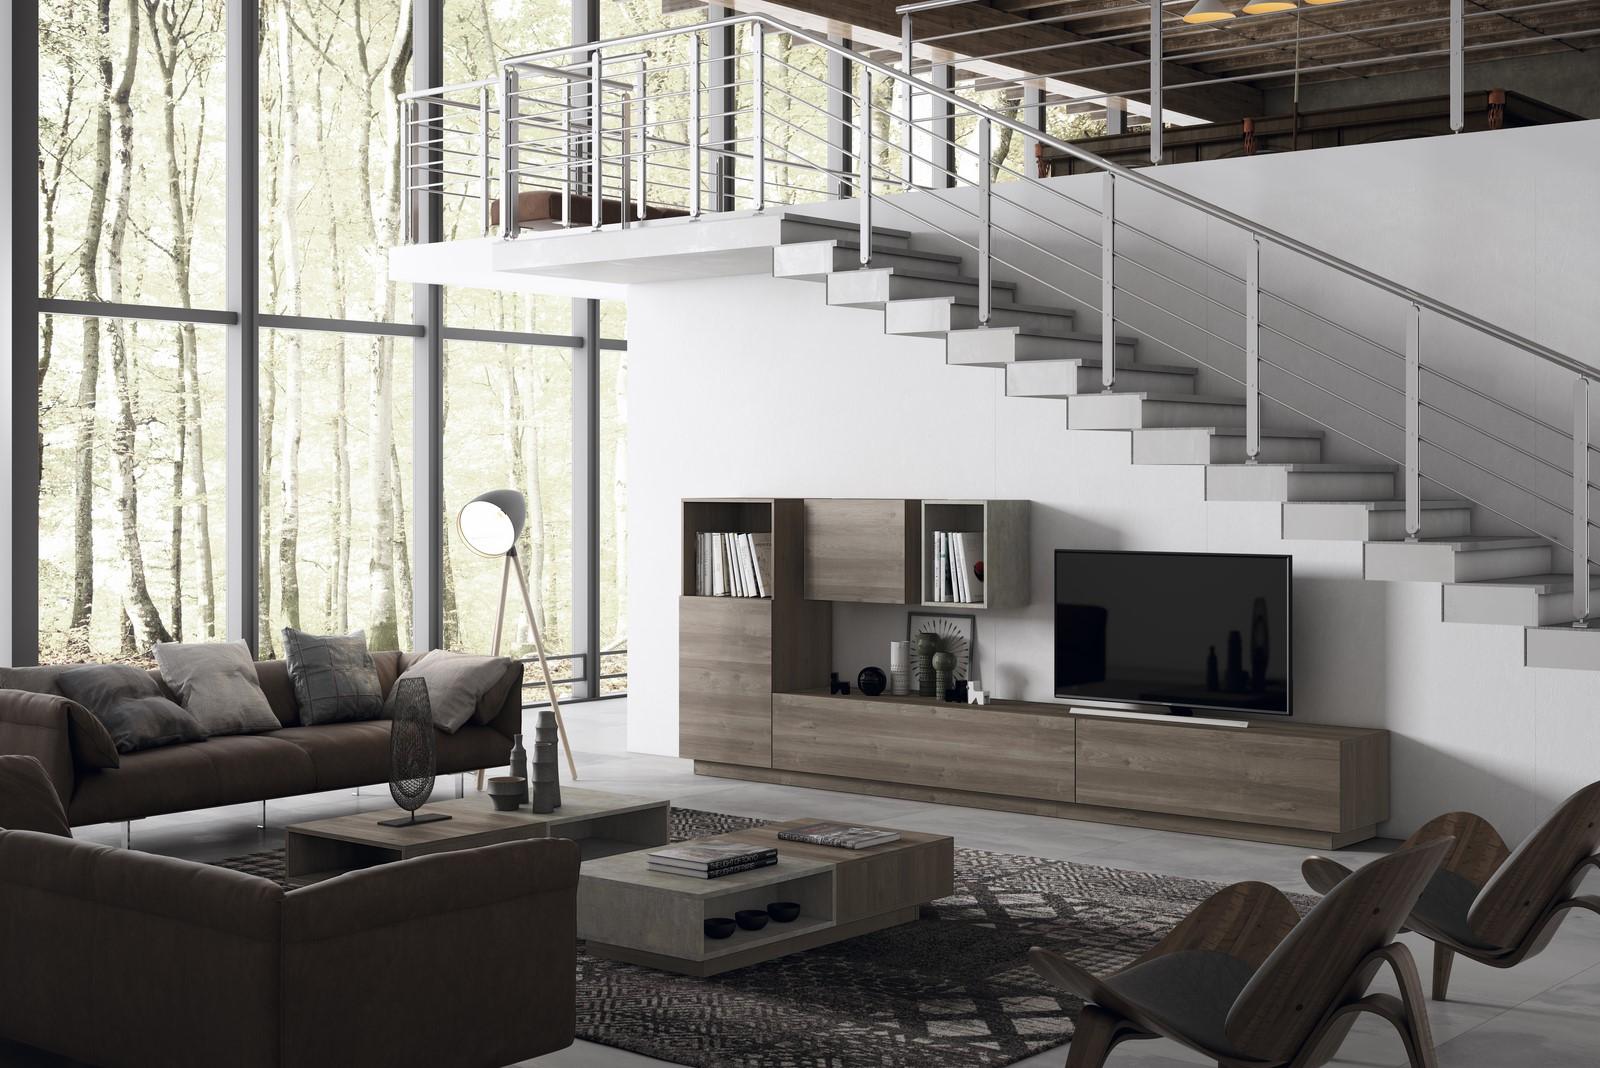 Mobiliario Para Salones Estilo Moderno Muebles Y Decoracion De - Salones-moderno